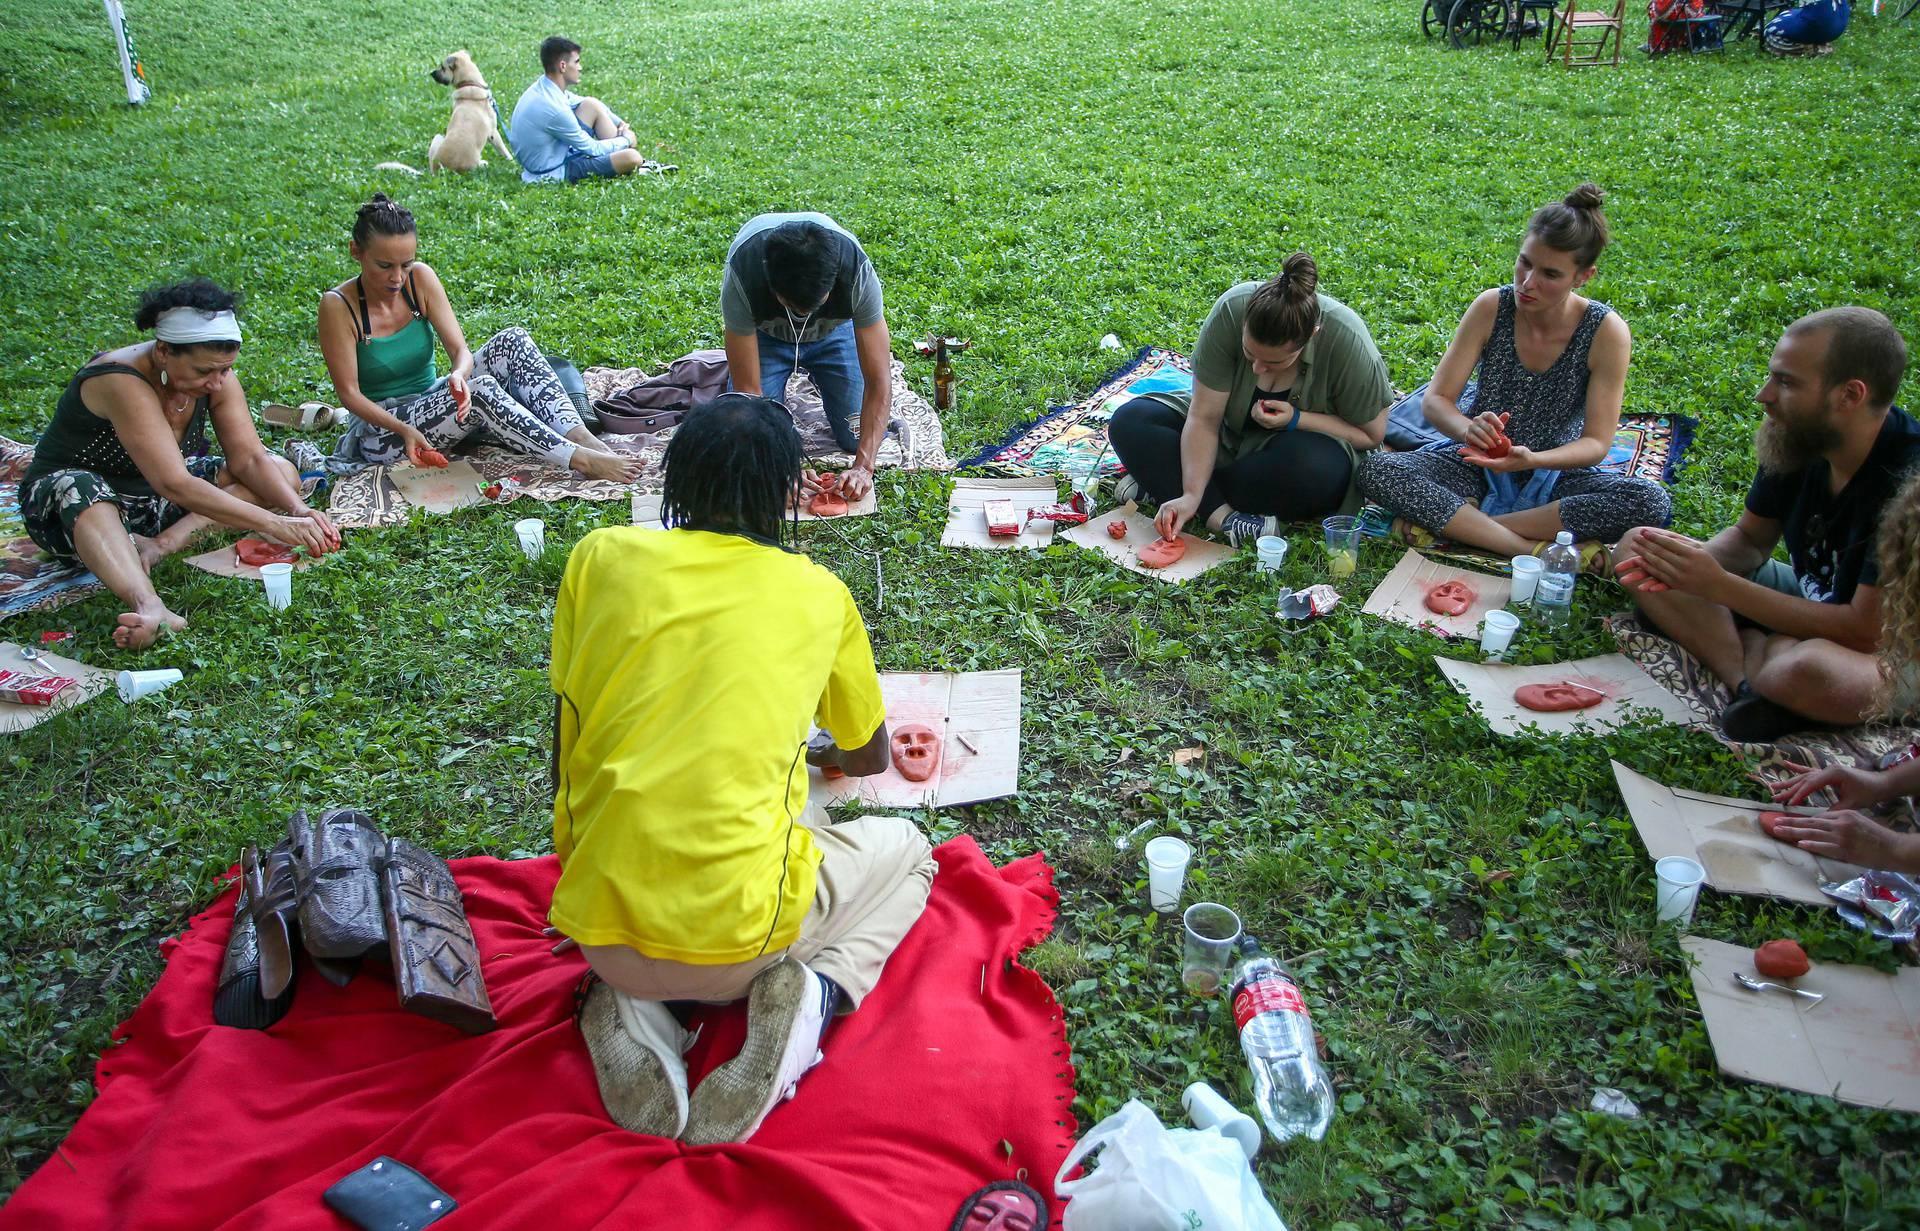 U parku Ribnjak održana radionica izrada Afričkih maski uz zvukove bubnjeva